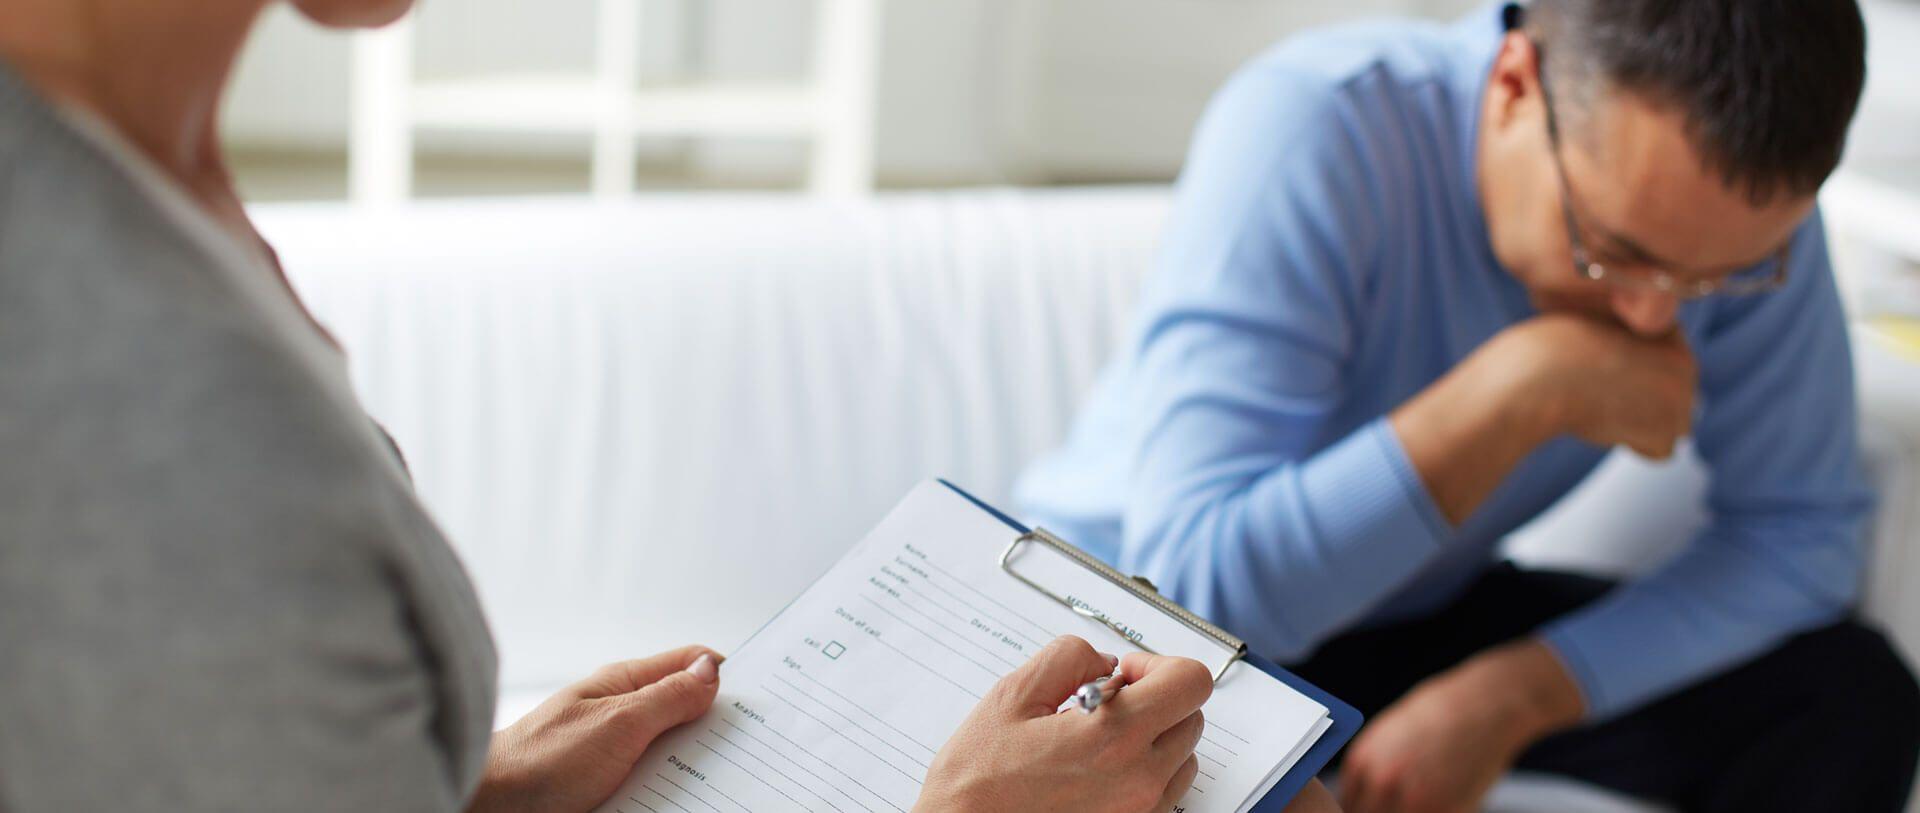 مشاوره روانشناسی چه کمکی می کند